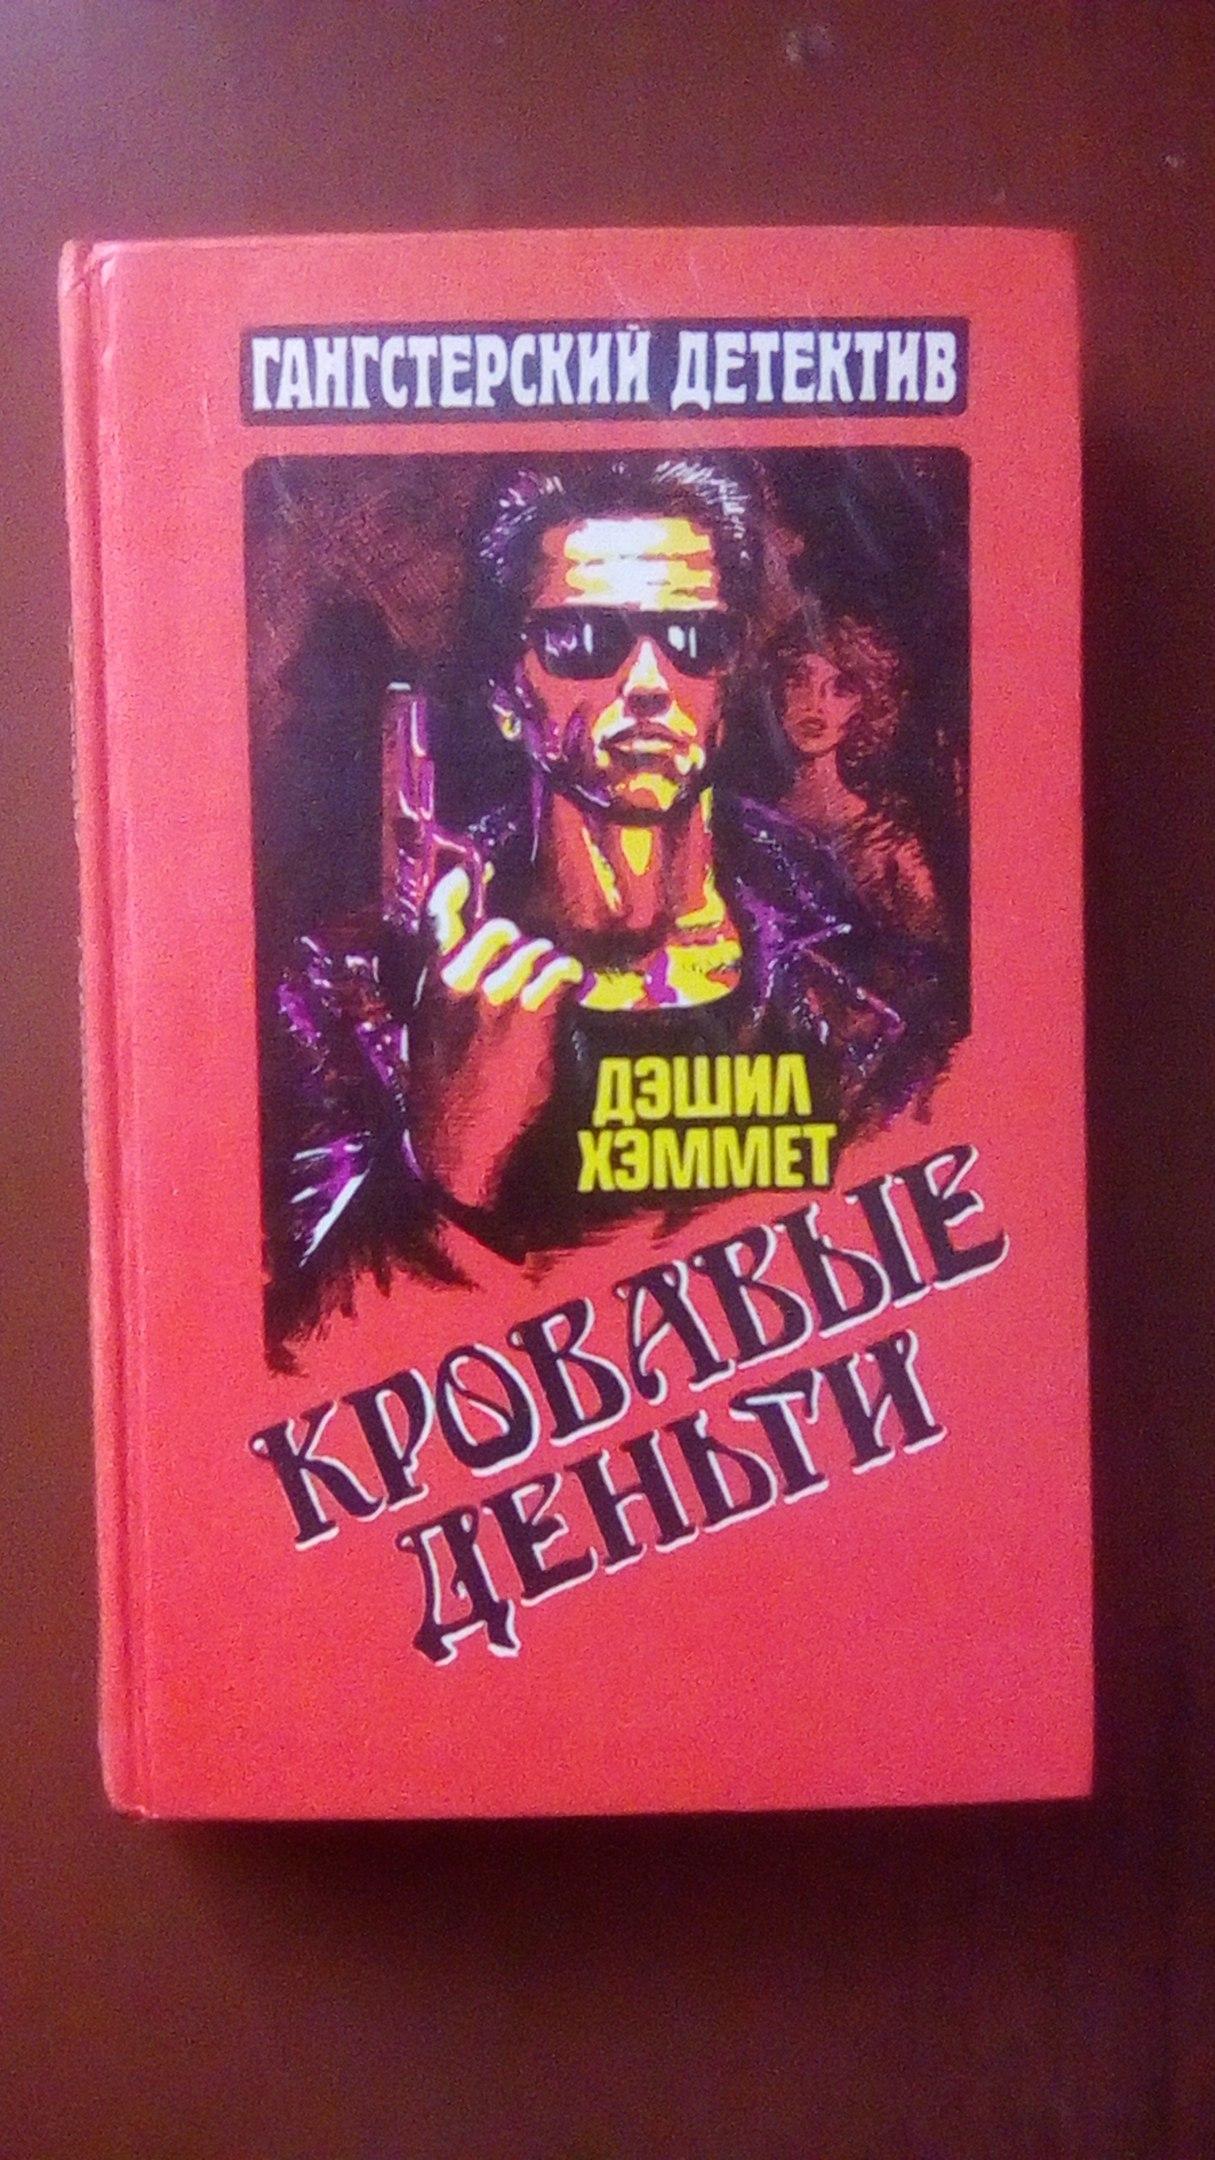 lzhiviy-agent-obmanom-razvel-duru-na-seks-smotret-onlayn-devushek-s-seks-mashinami-v-horoshem-kachestve